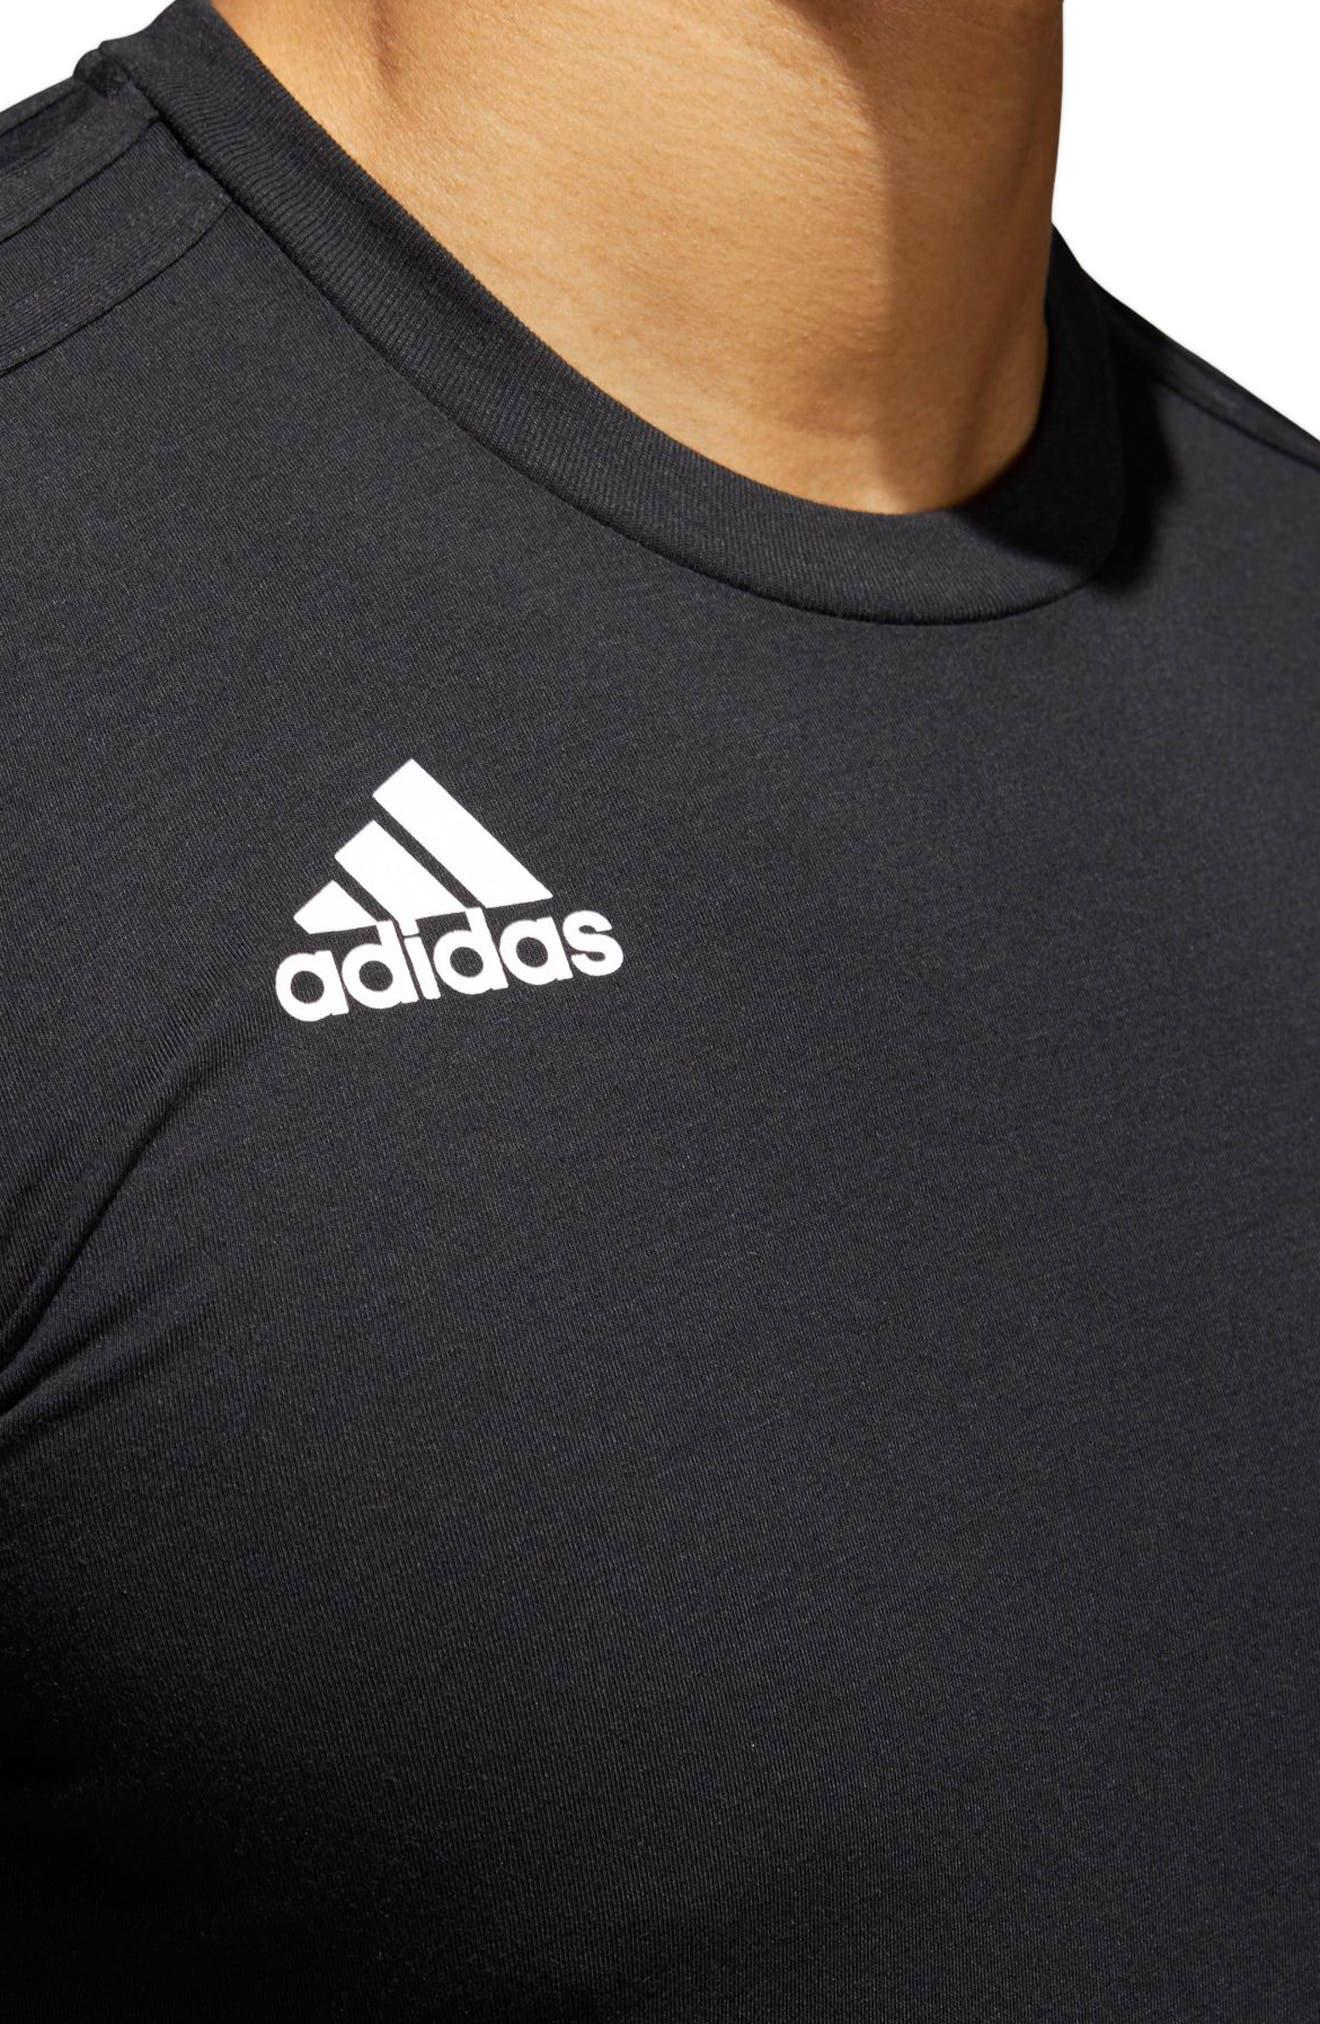 Soccer Slim Fit T-Shirt,                             Alternate thumbnail 3, color,                             Black / White